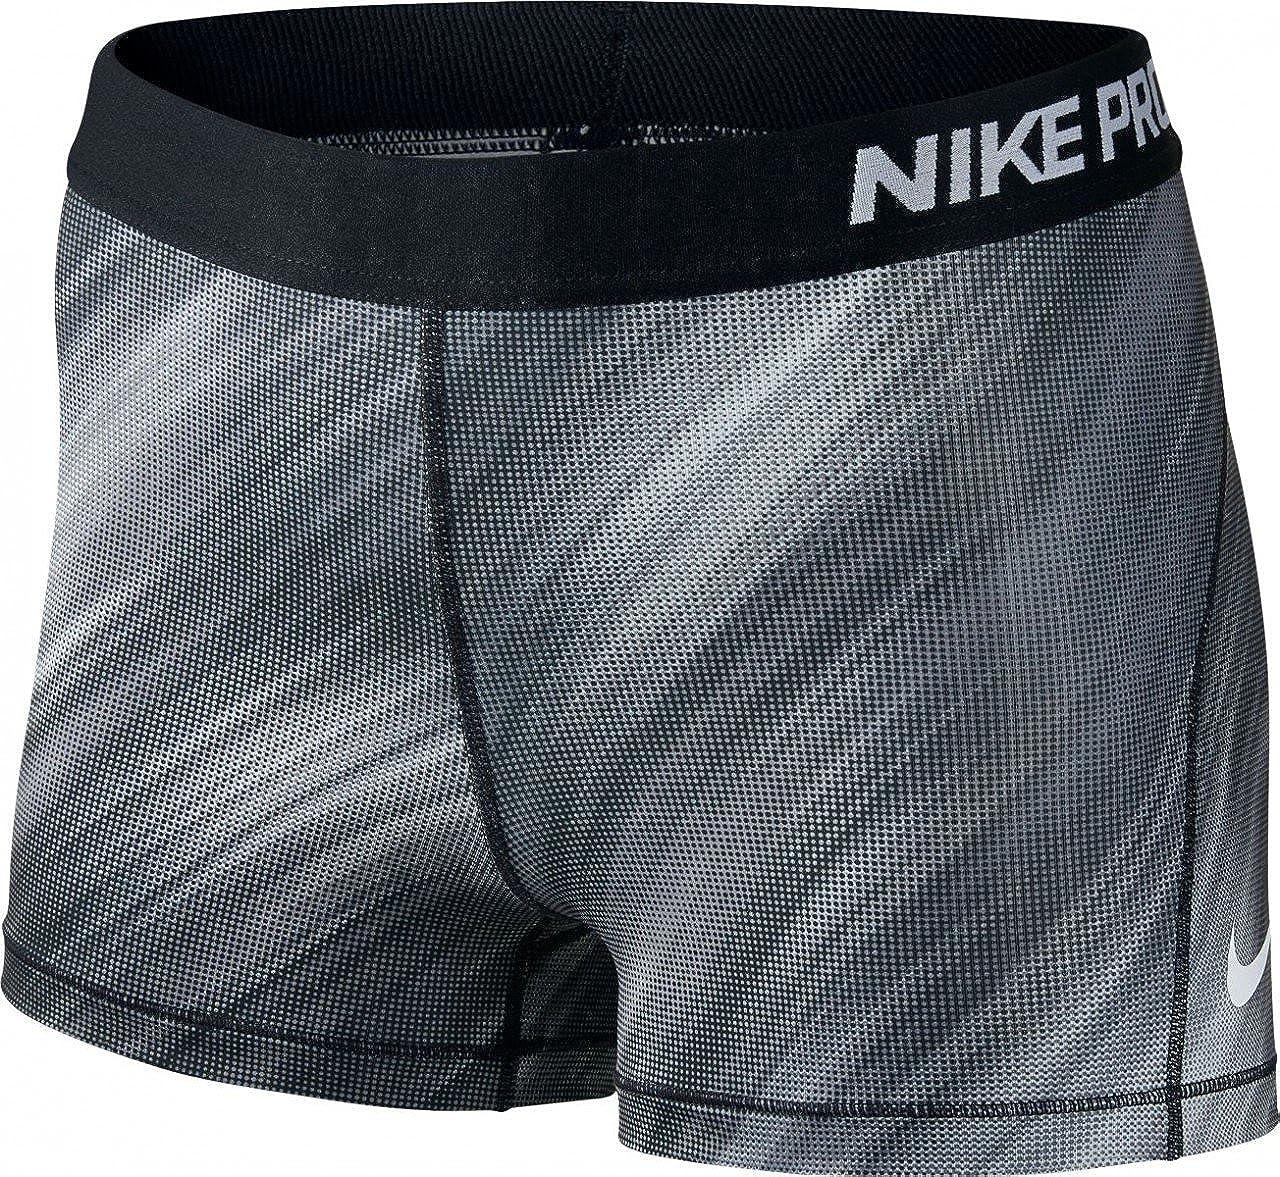 Conciencia Falsedad Banzai  Amazon.com: Nike Pro Cool 3